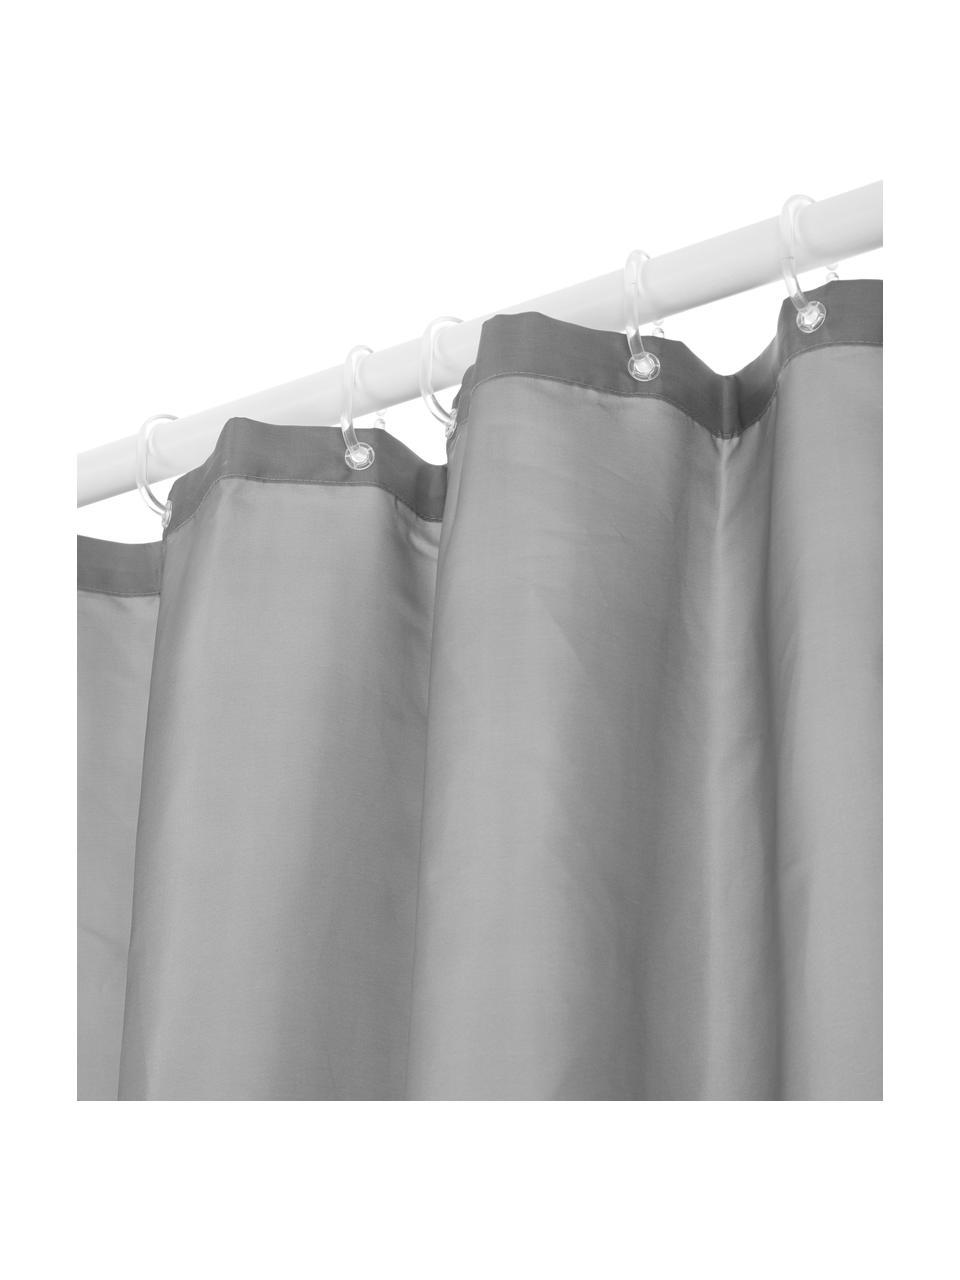 Rideau de douche à imprimé gris Allie, Gris, blanc